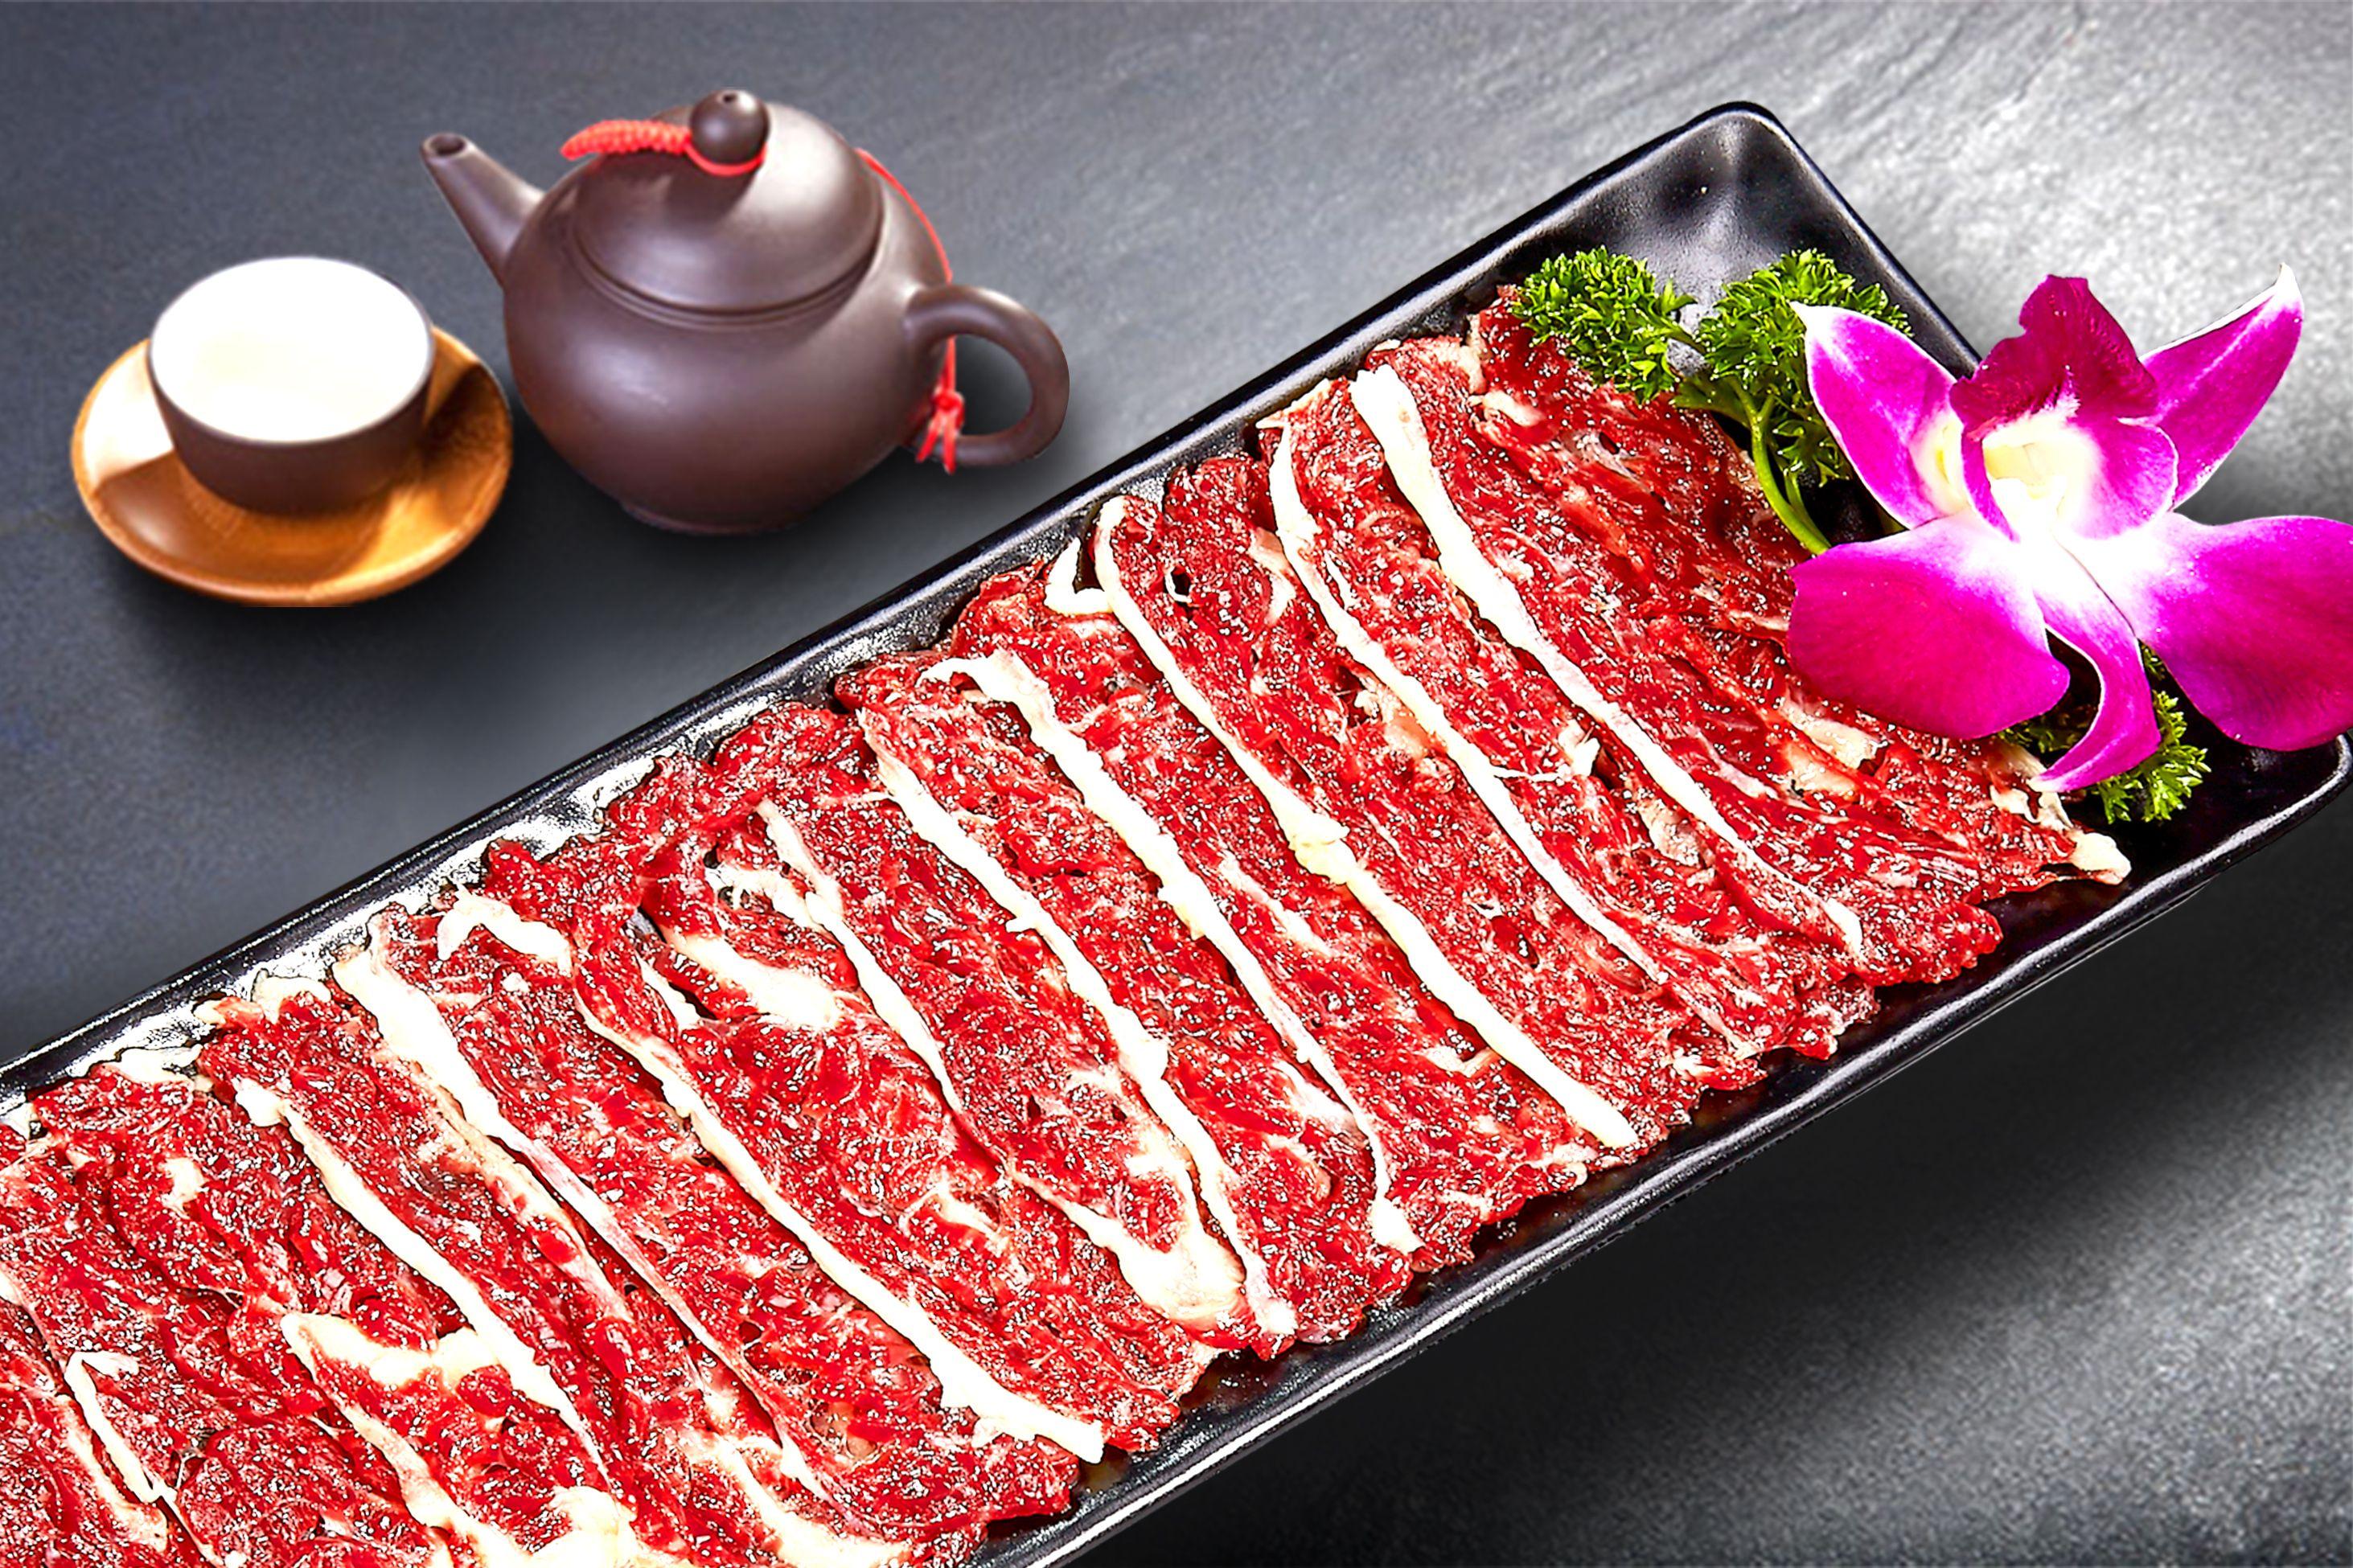 牛a潮汕牛肉火锅